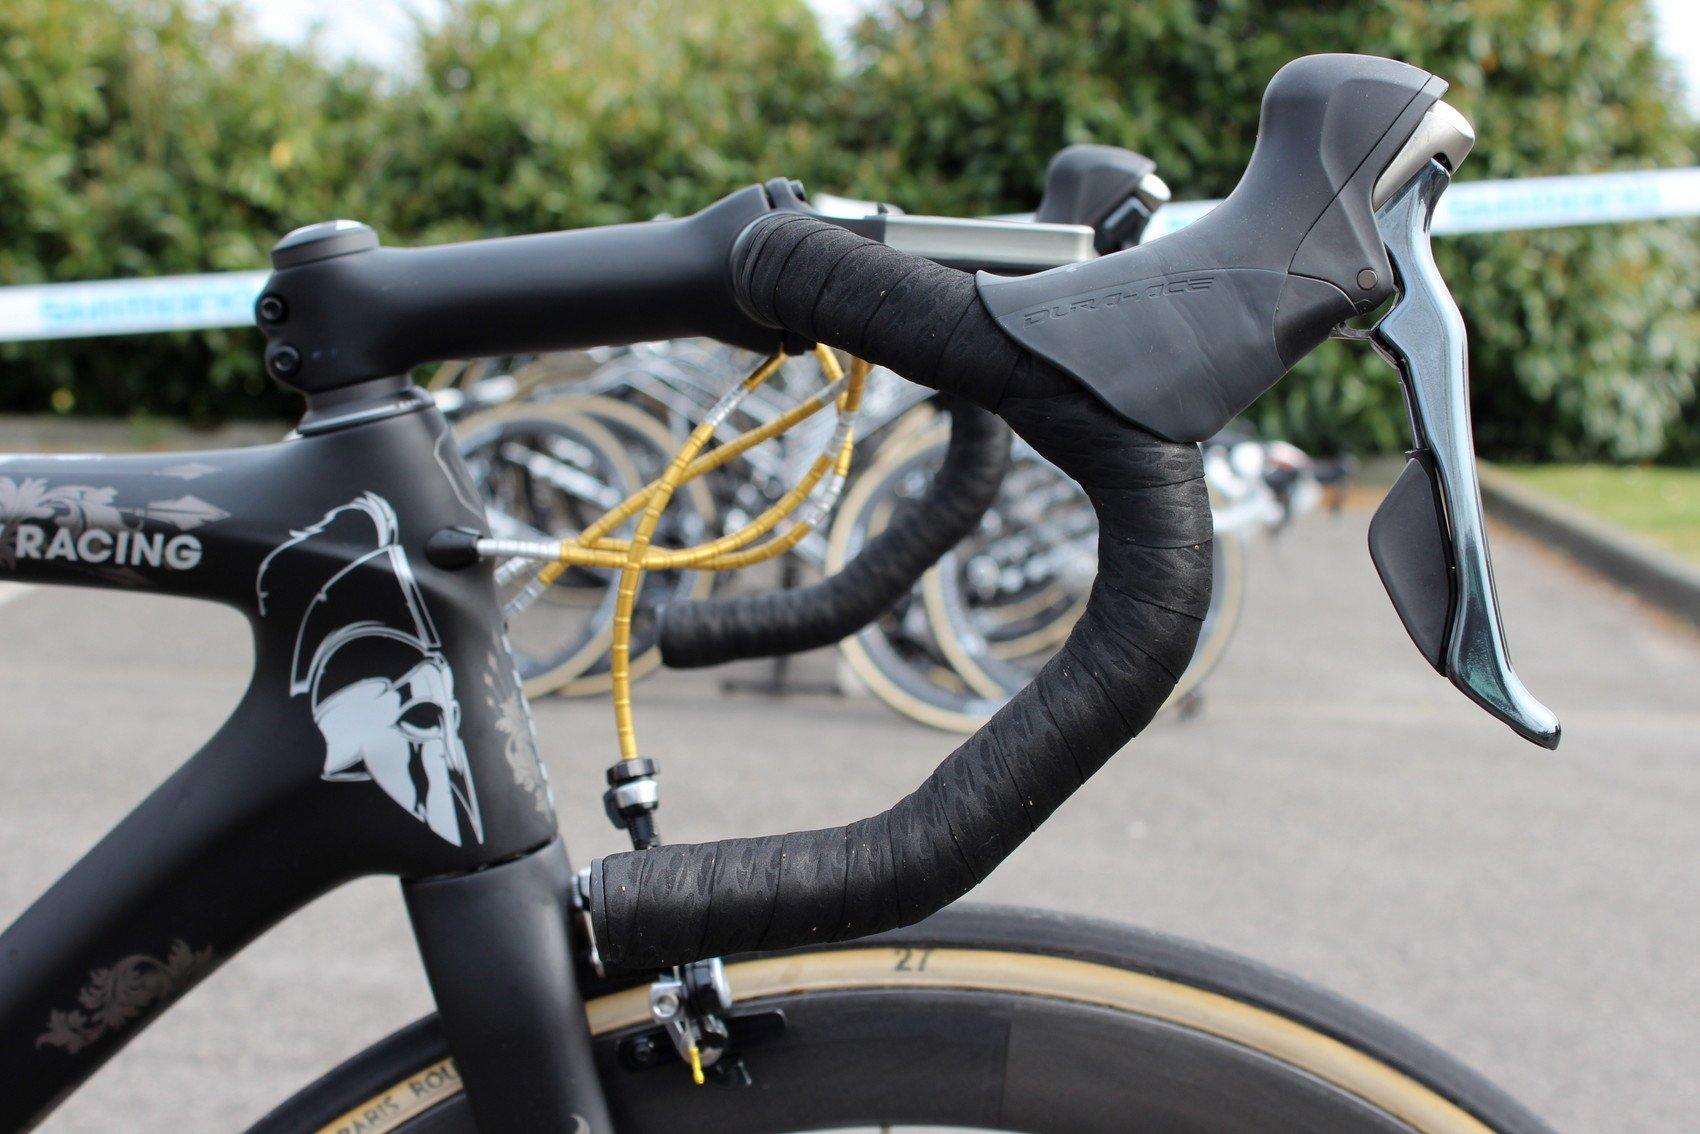 Keine extra Schicht Lenkerband und auch keine Geleinlagen. Cancellara baut auch auf die mechanische Dura-Ace-Gruppe von Shimano.